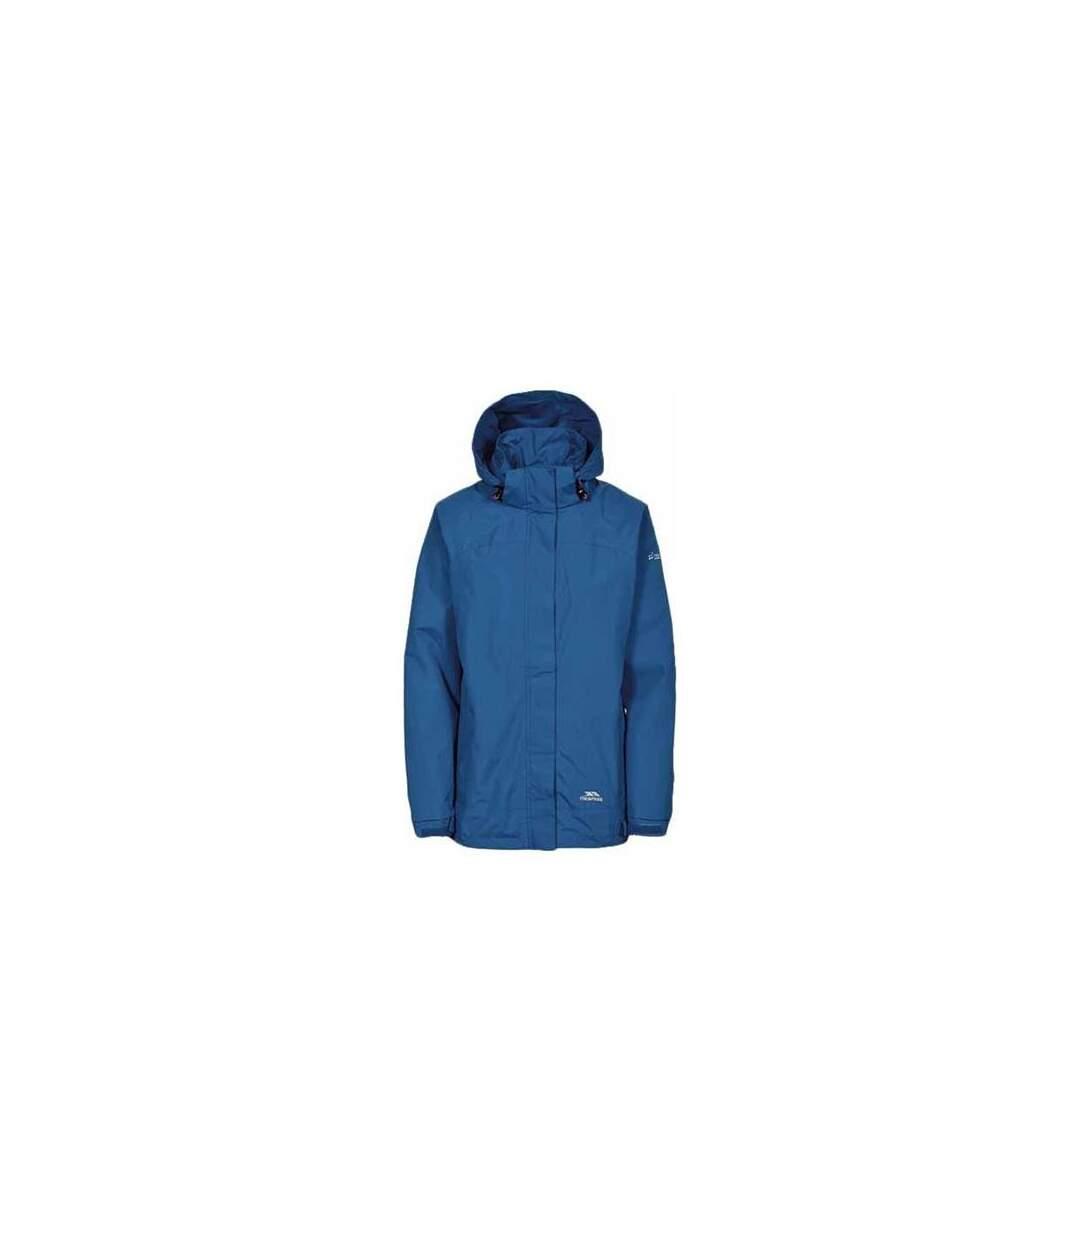 Trespass Womens/Ladies Nasu II Waterproof Shell Jacket (Navy) - UTTP3377